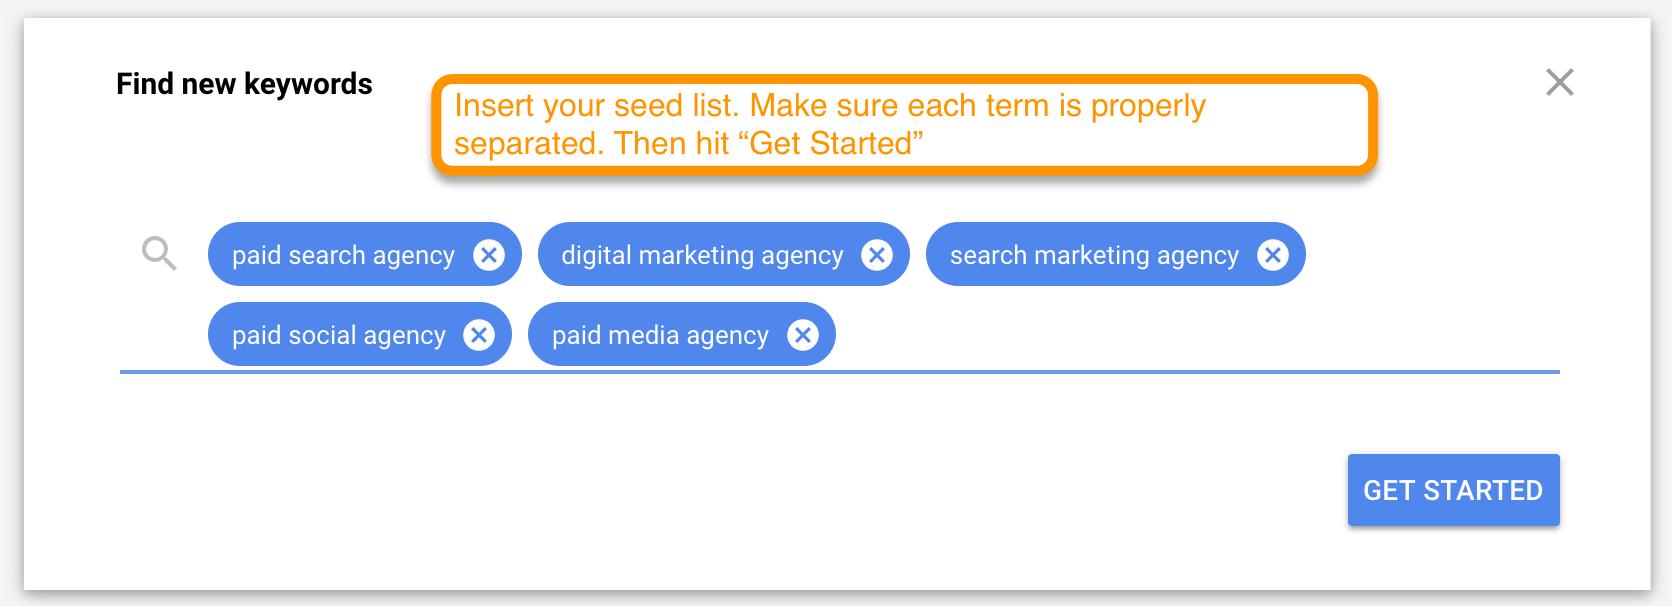 seed list